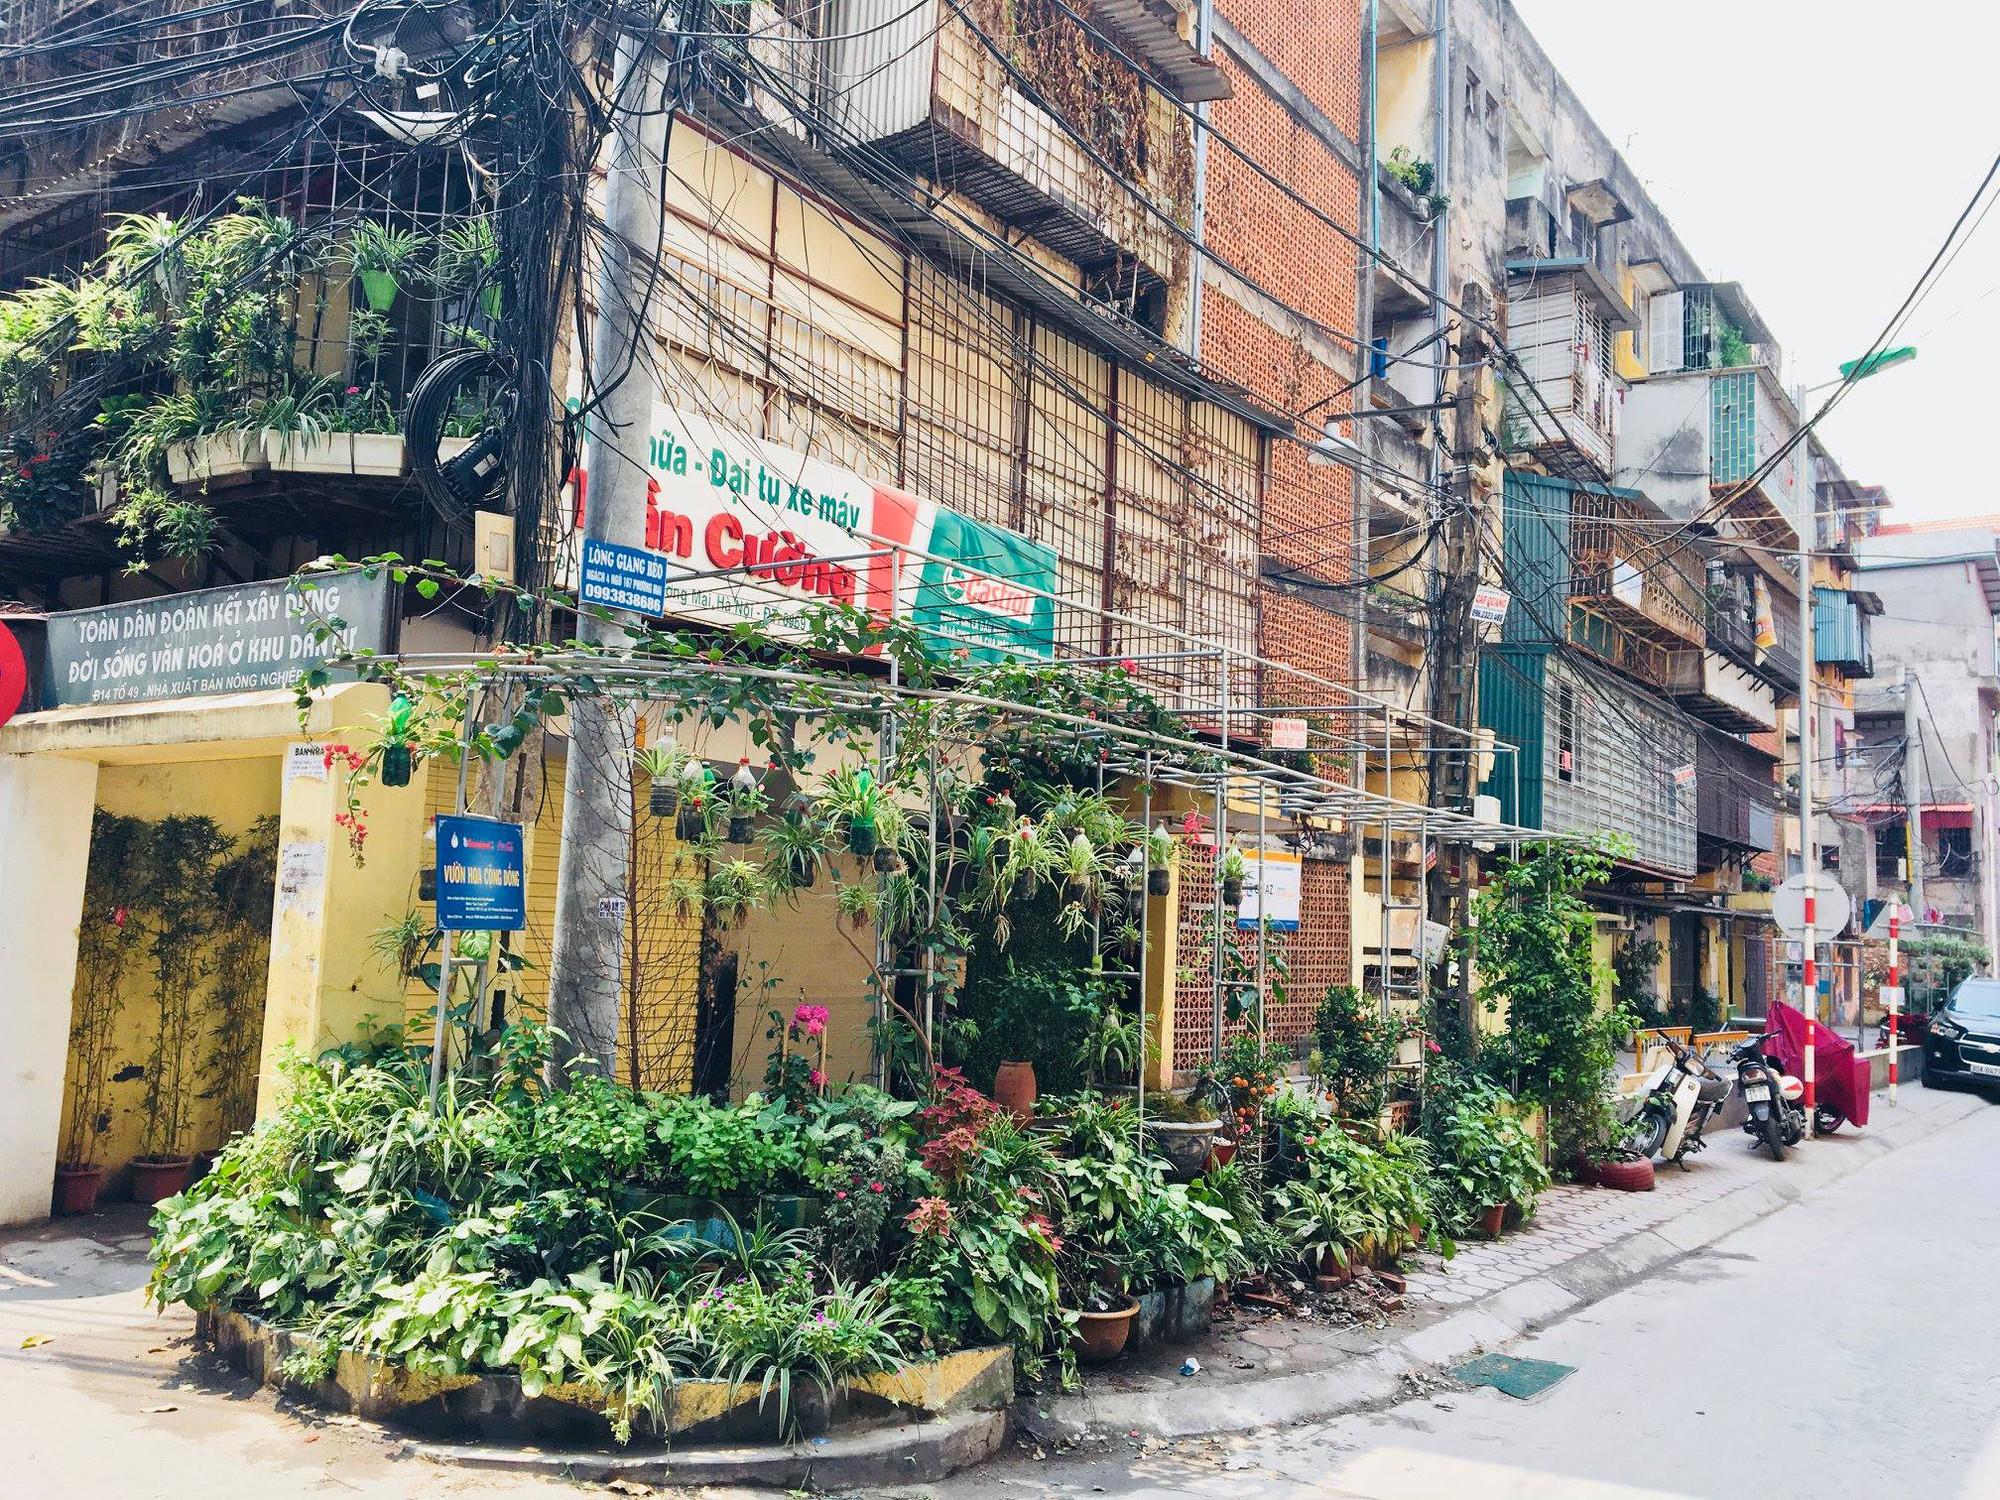 Không được người dân chăm sóc, những vườn hoa sinh ra từ bãi rác ở Hà Nội đã héo úa: Cần lắm sự chung tay của cả cộng đồng! - Ảnh 17.